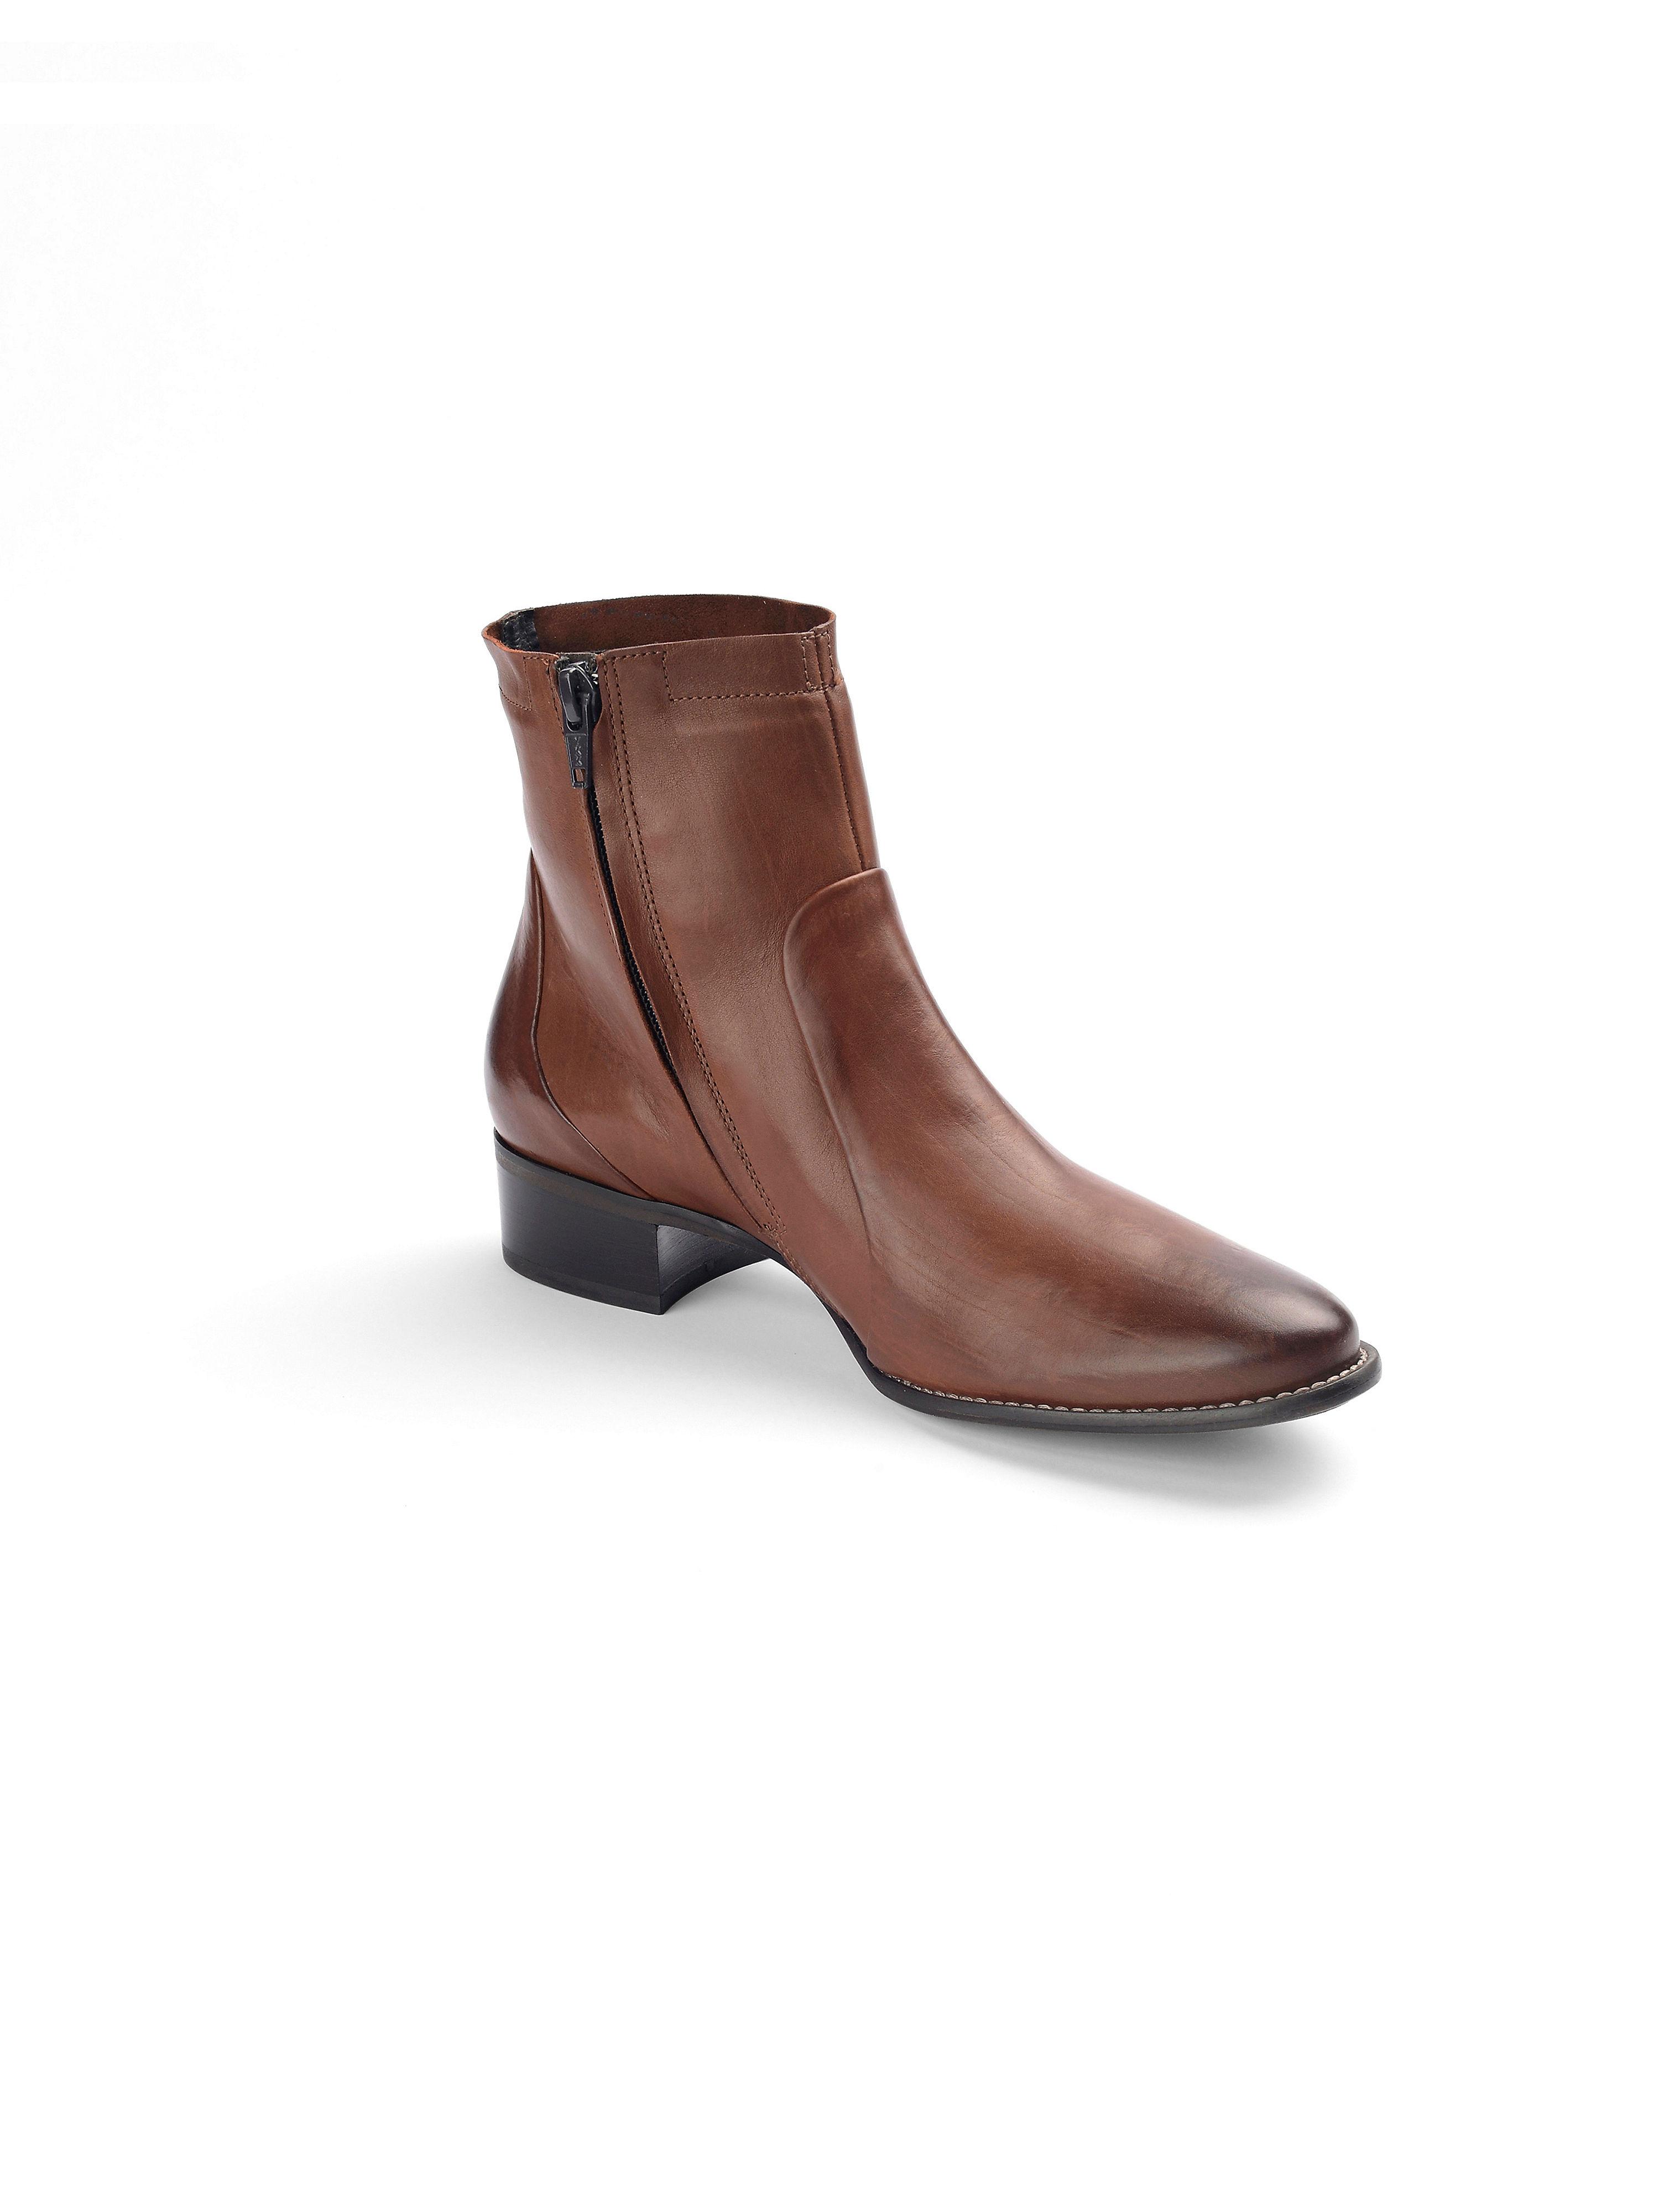 Paul Green - Schlichte Stiefelette aus 100 Leder - Cognac Gute Qualität beliebte Schuhe